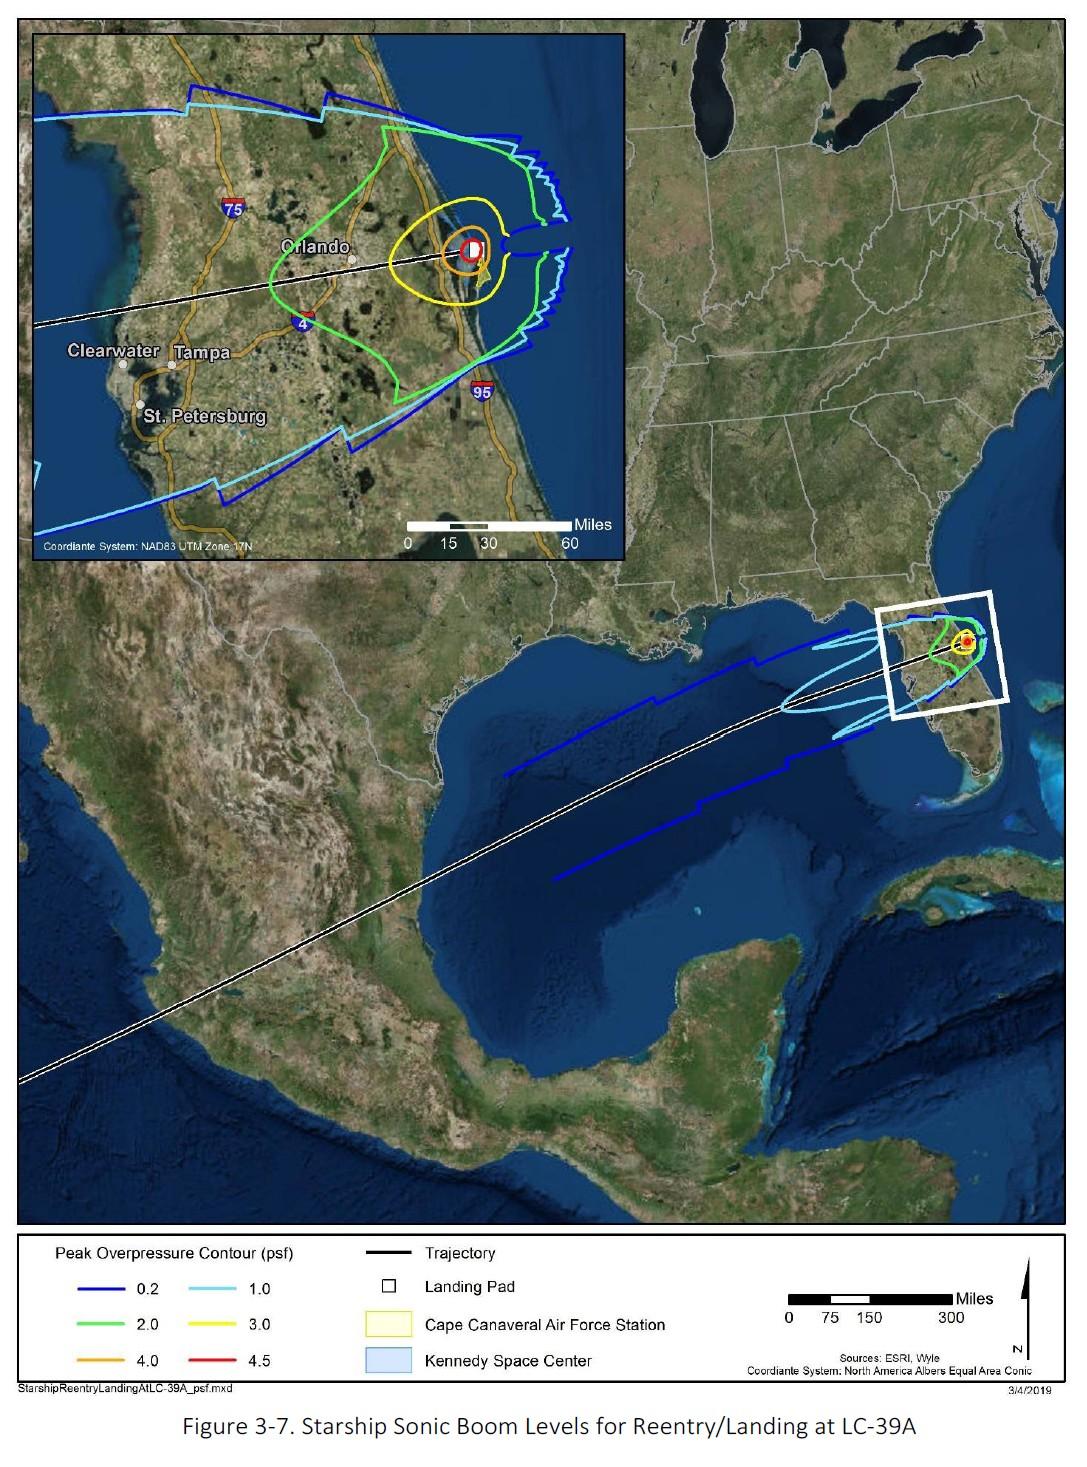 НАСА опубликовало предварительный отчёт экологической экспертизы о запуске SpaceX Starship с мыса Канаверал - 3